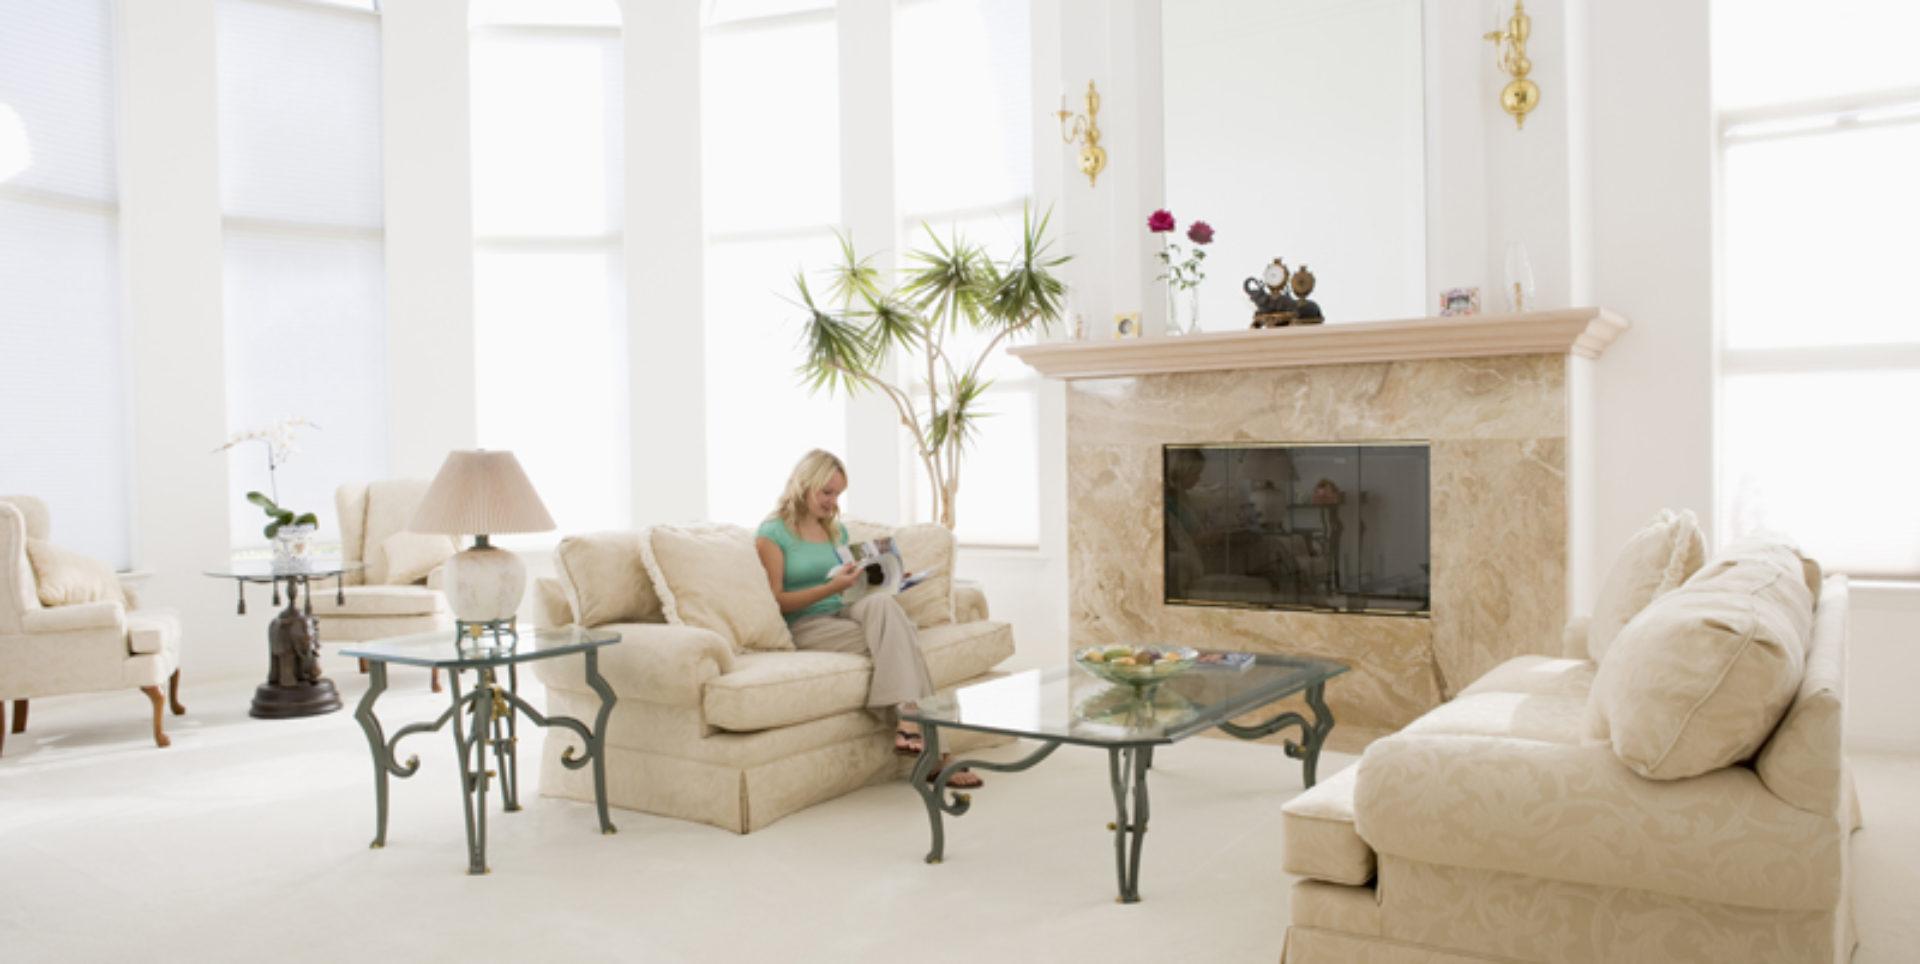 JA Home Sales